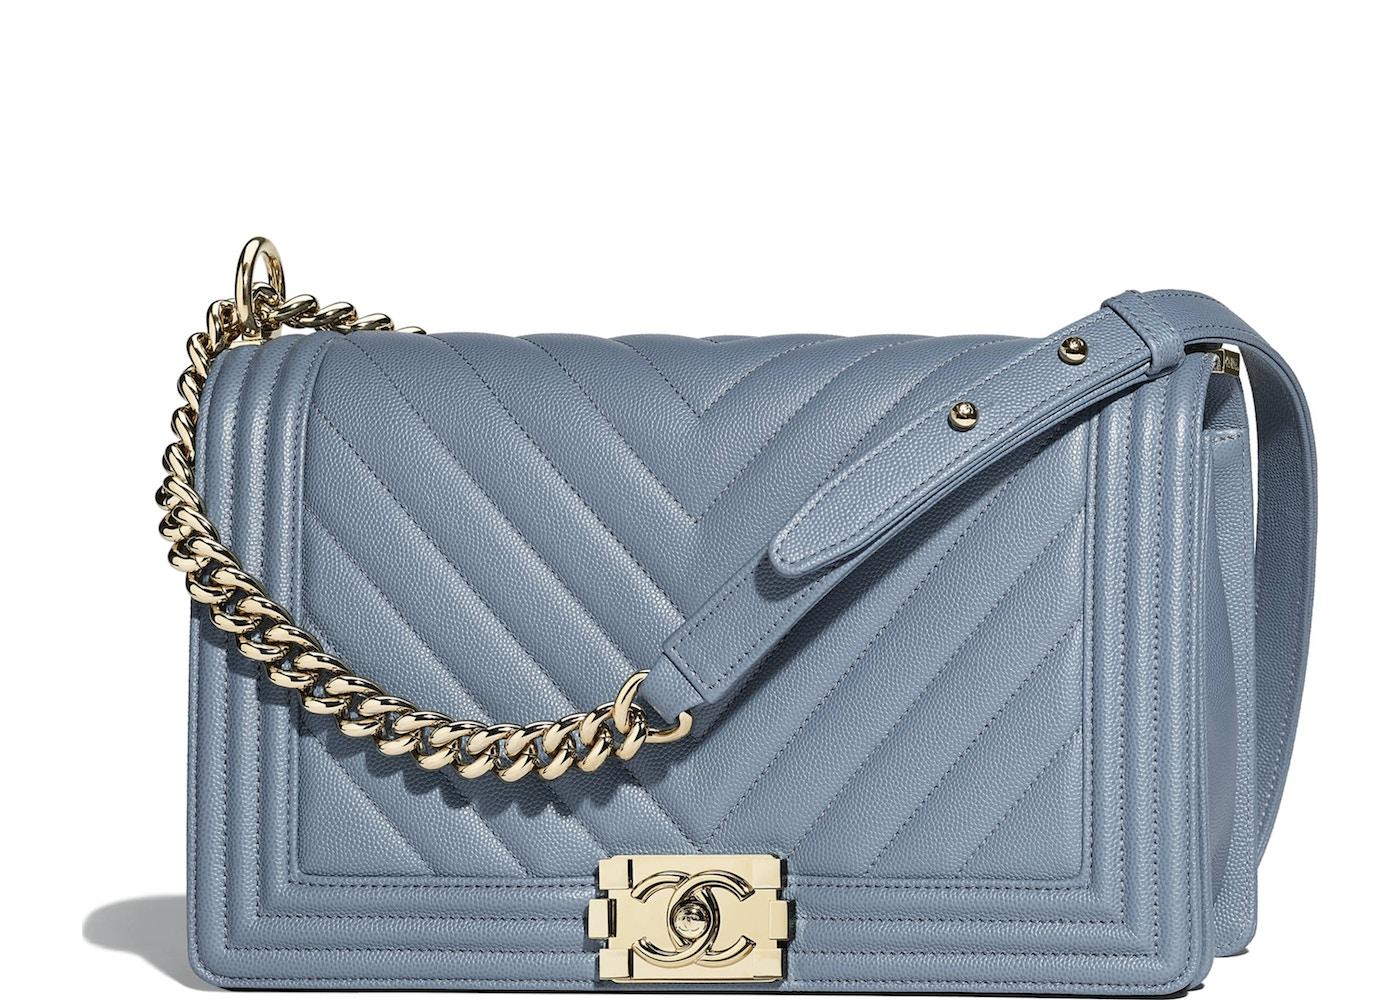 72f0cf4a3efa Latest Chanel Handbags 2018 – Hanna Oaks